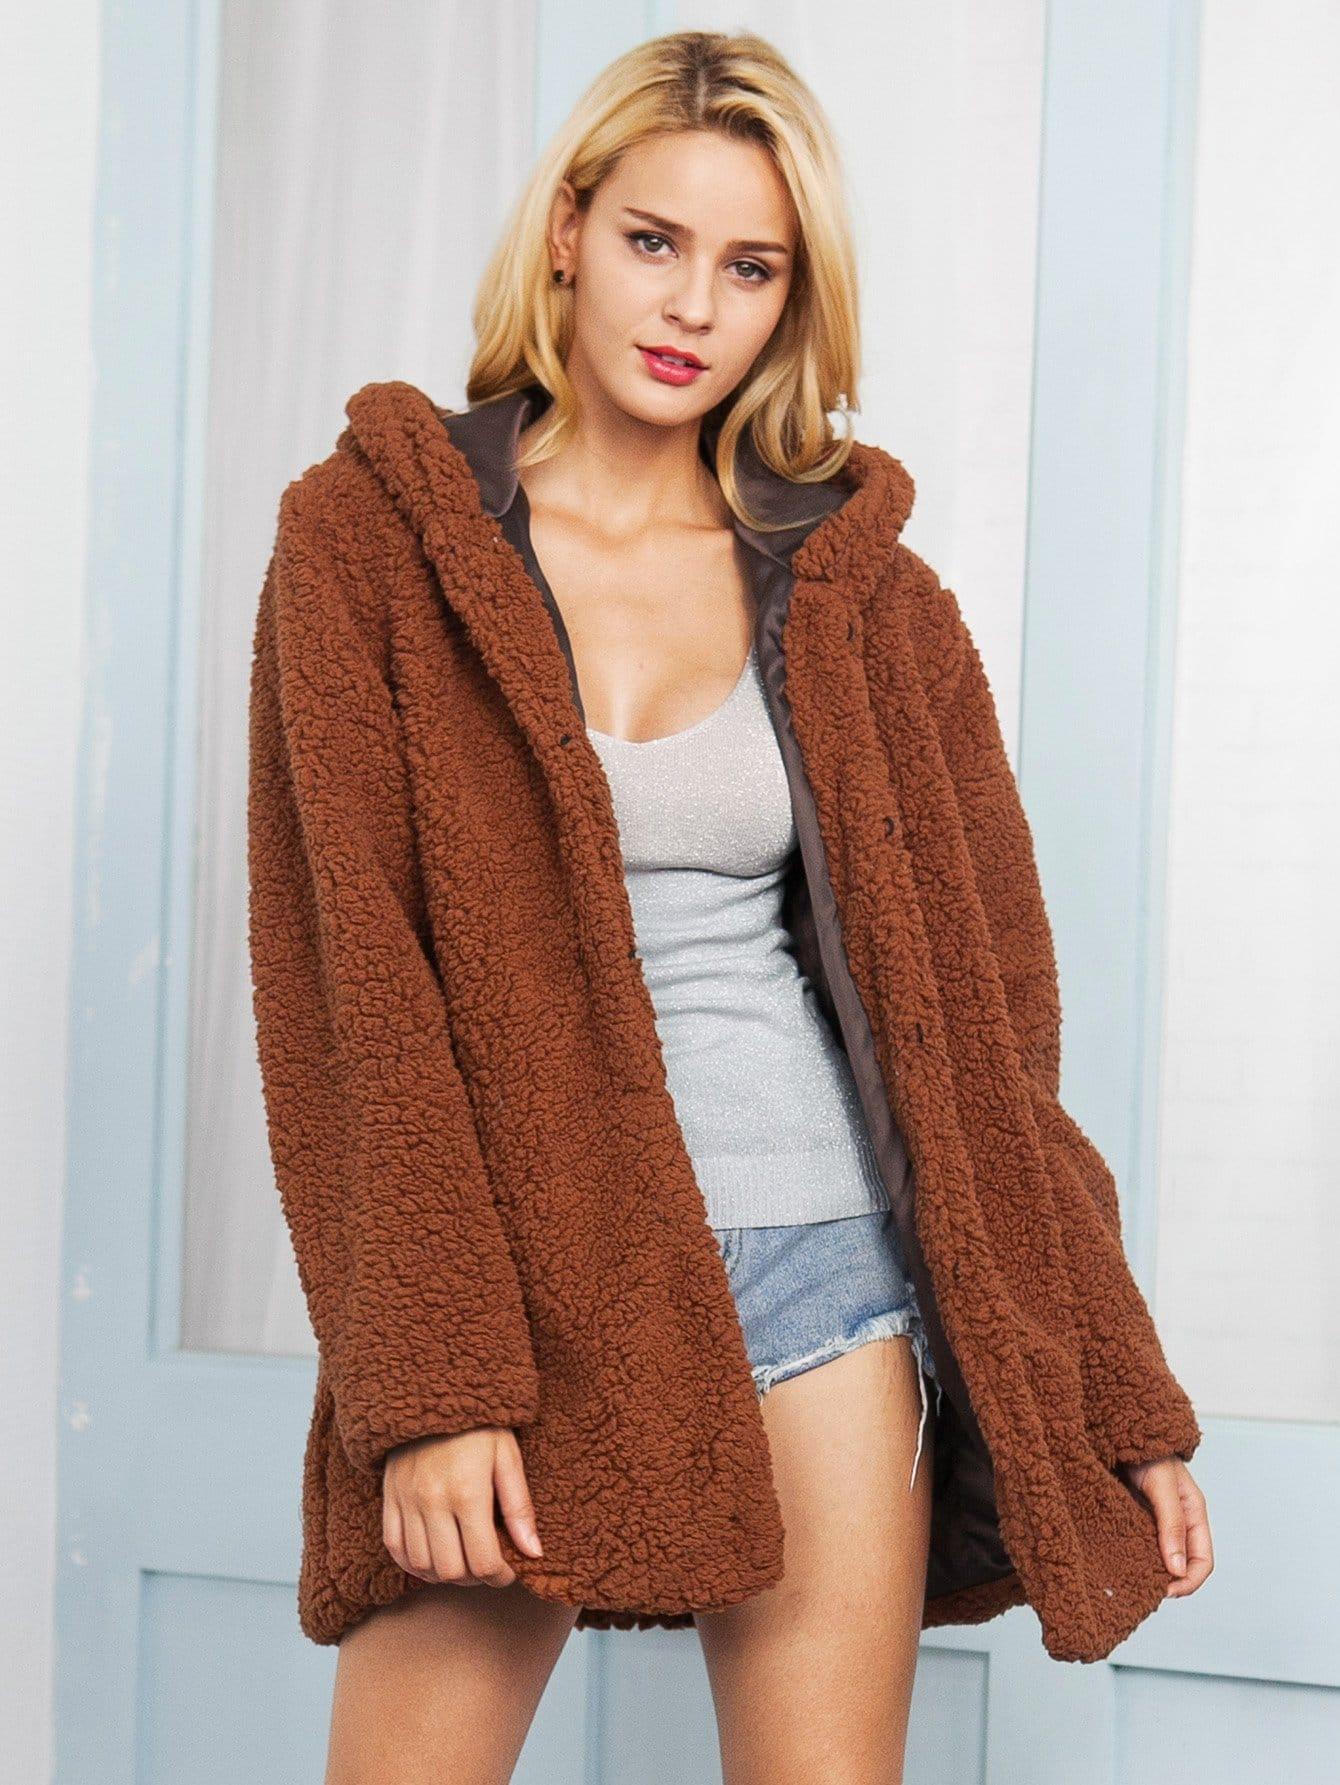 Купить Открытое однотонное пальто тедди с капюшоном, null, SheIn